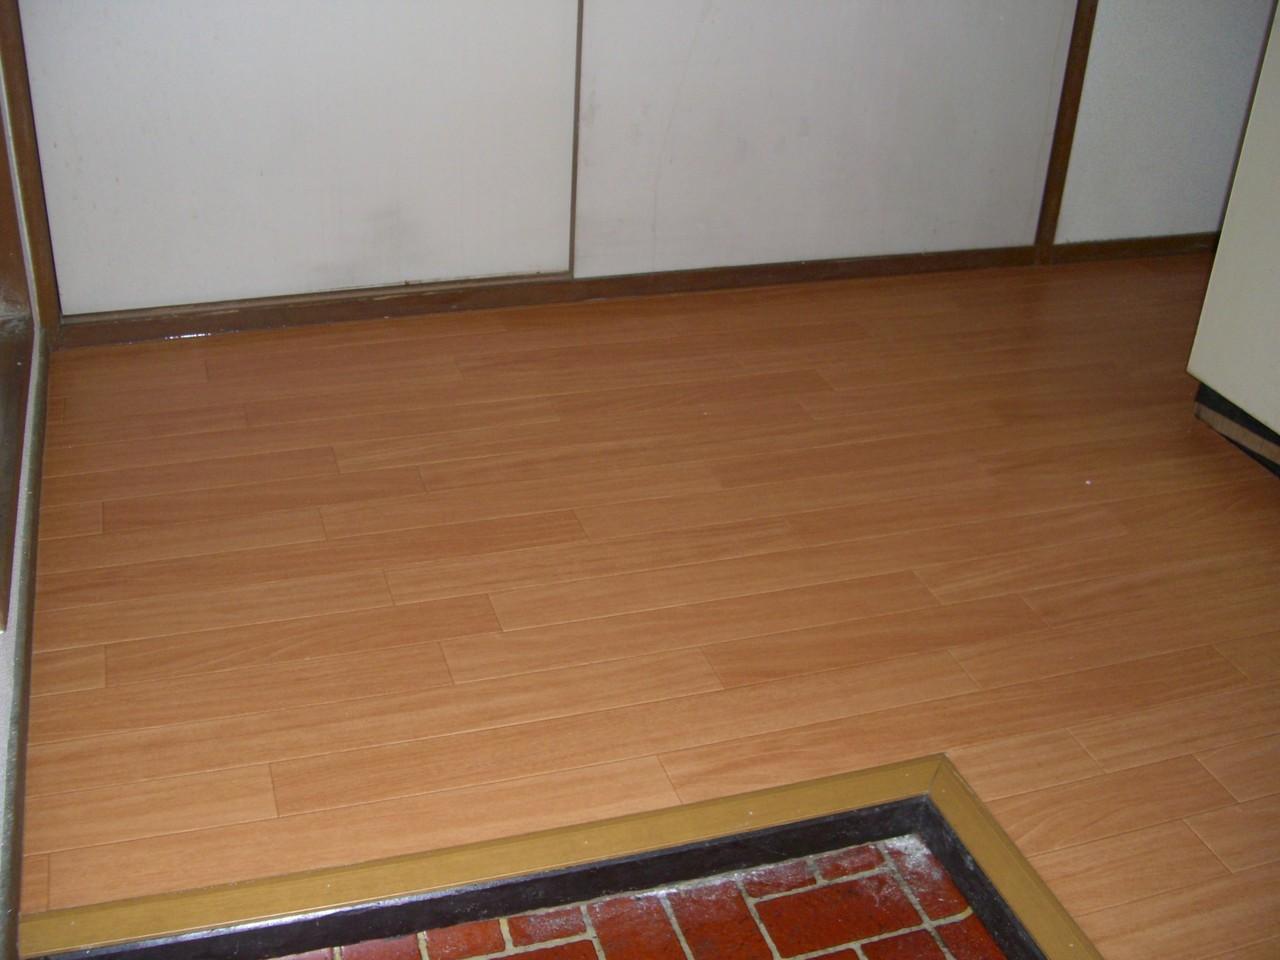 下張り施工をして、ウッドタイルをはりました。凹凸もなく、つややかな床になります。